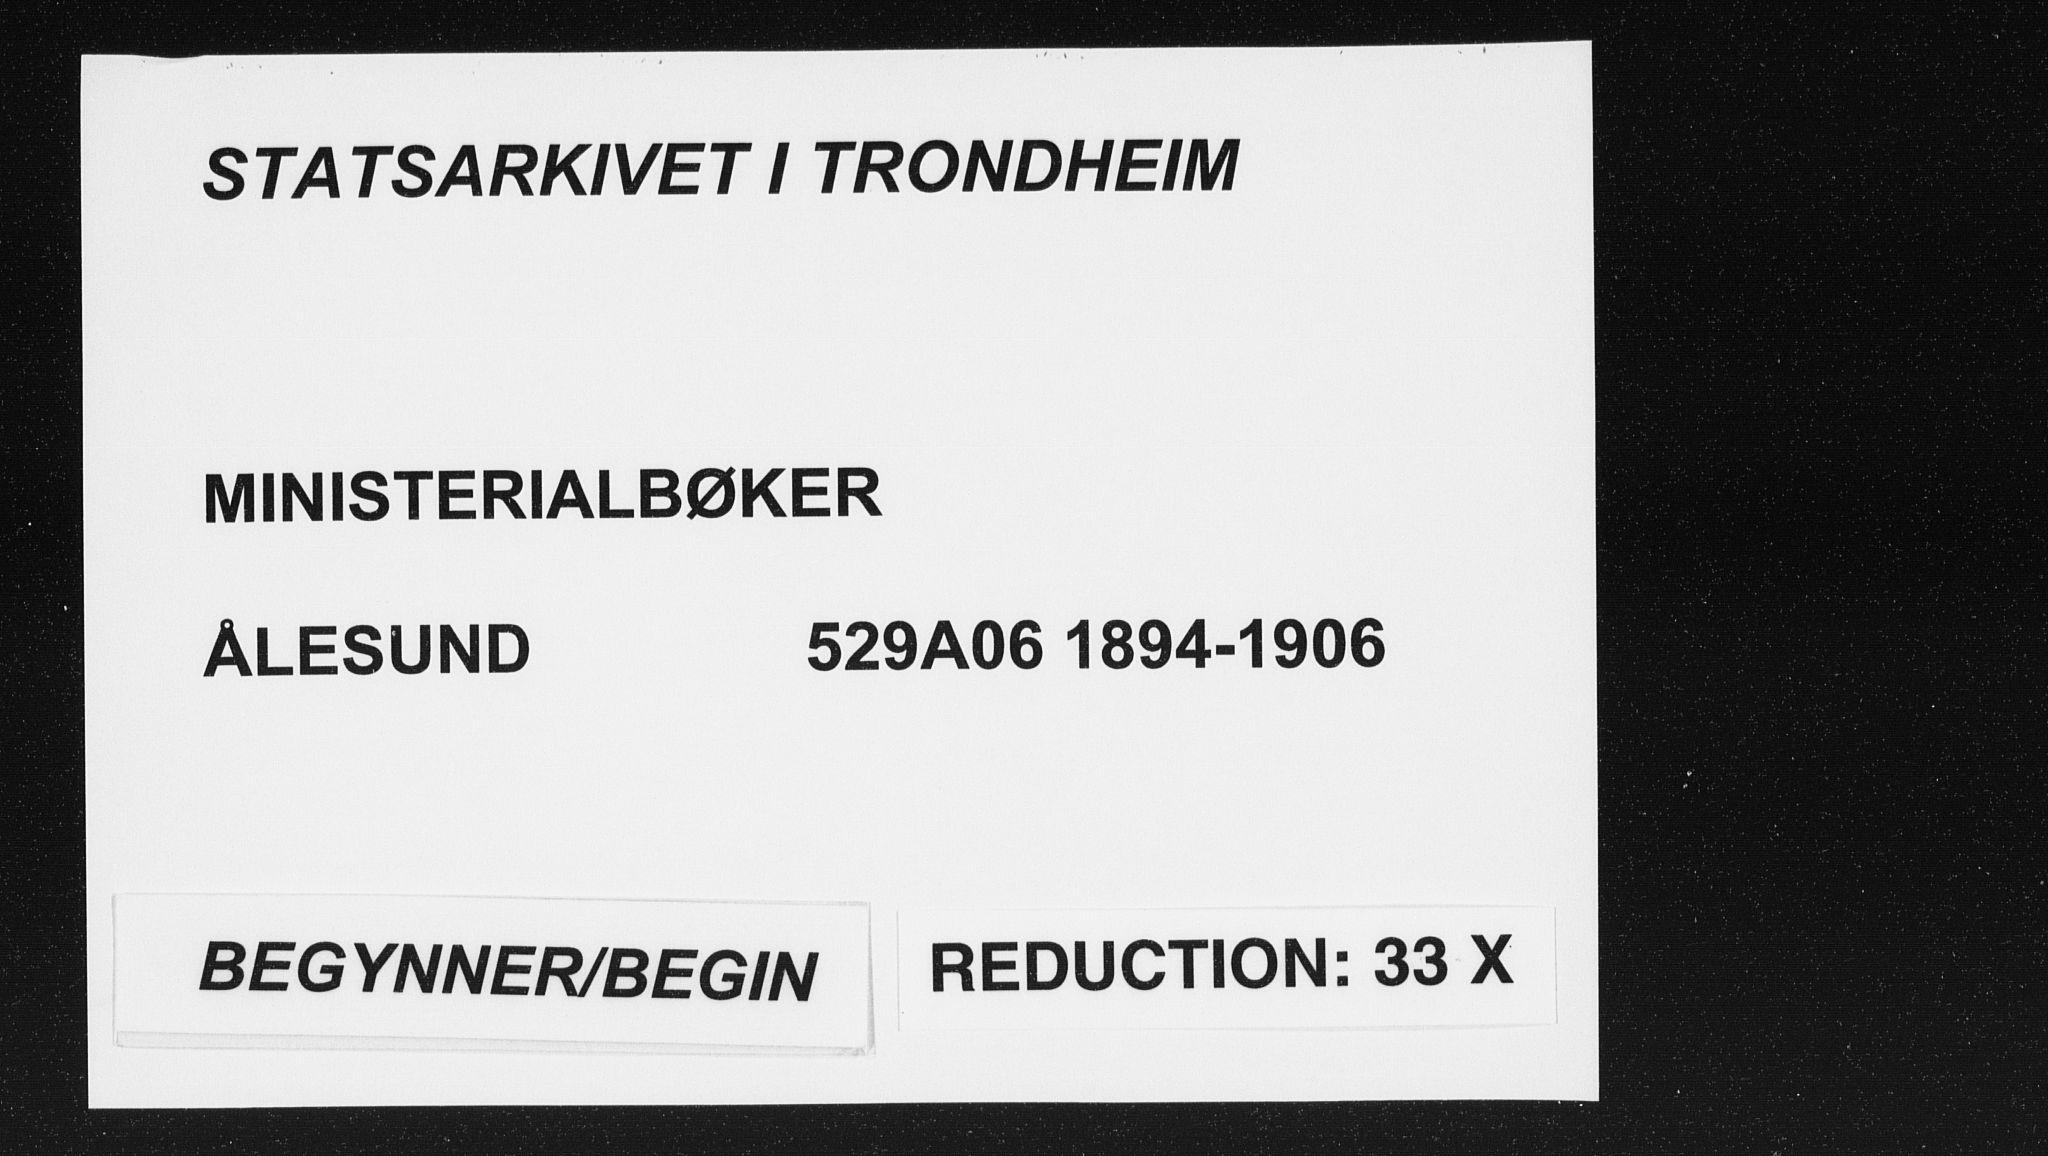 SAT, Ministerialprotokoller, klokkerbøker og fødselsregistre - Møre og Romsdal, 529/L0456: Ministerialbok nr. 529A06, 1894-1906